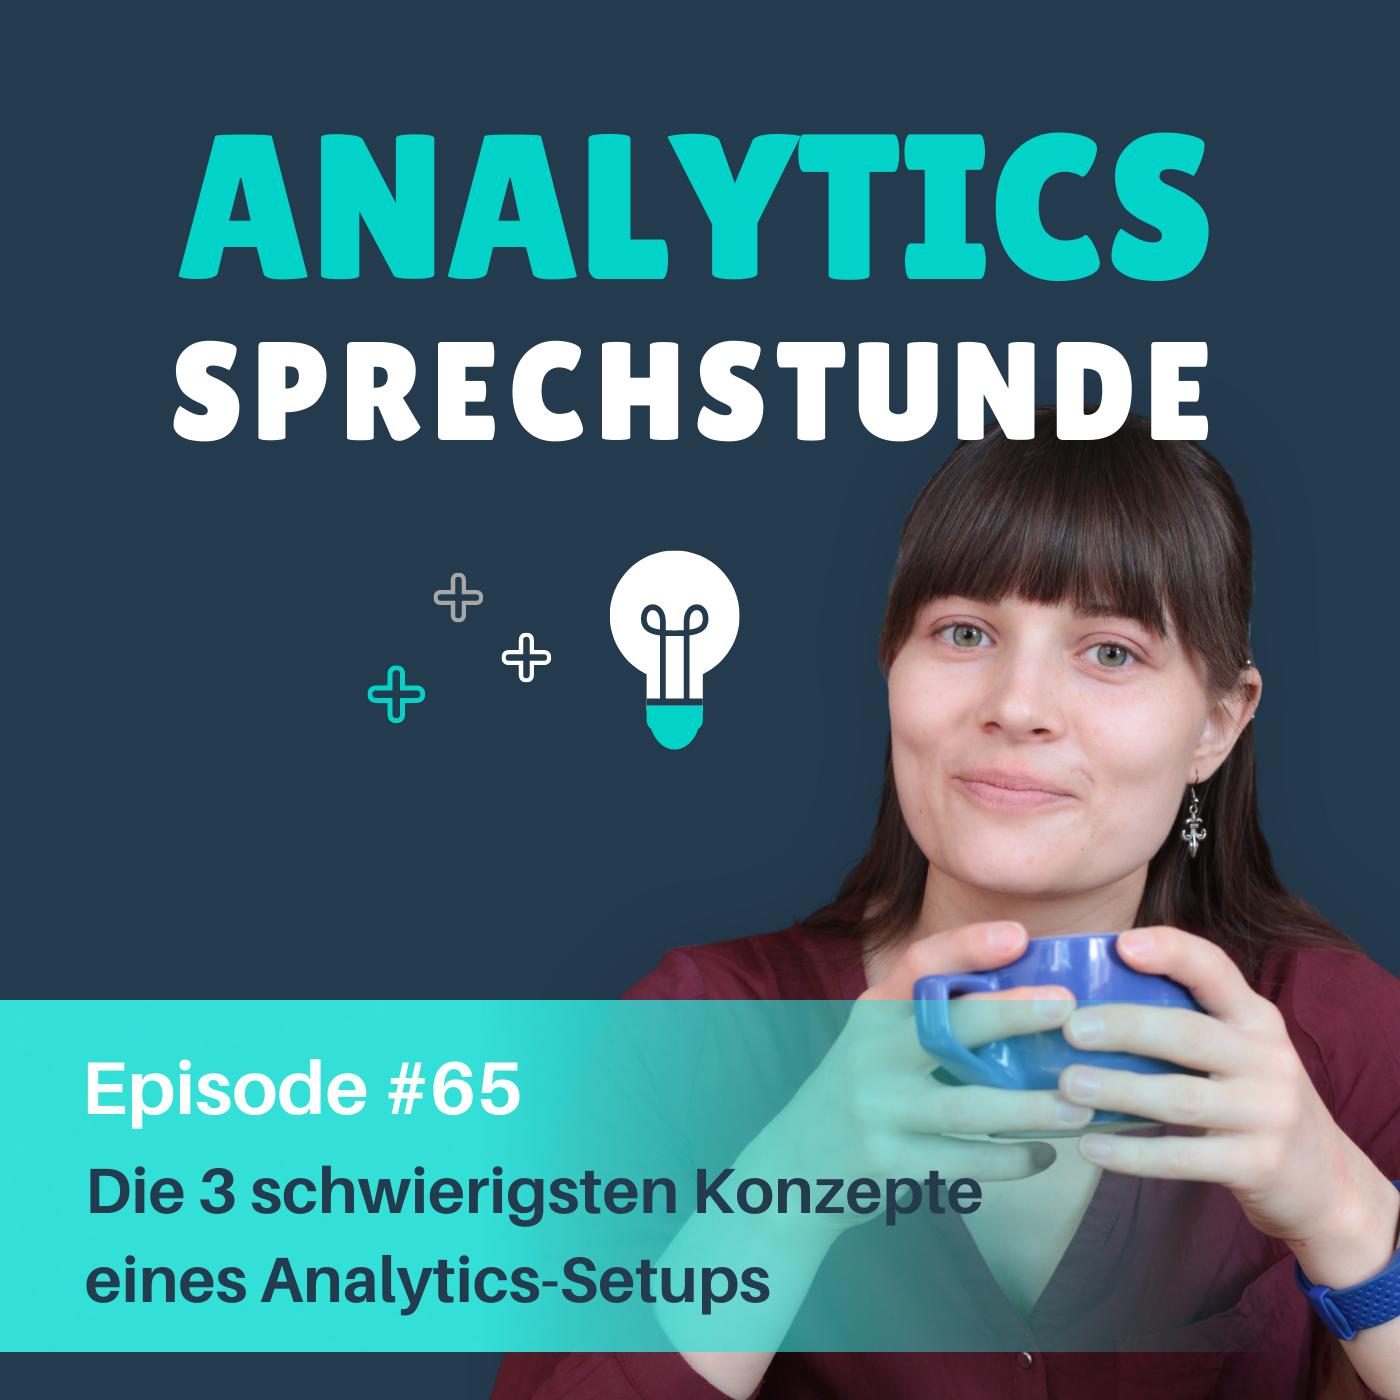 65 Die 3 schwierigsten Konzepte eines Analytics-Setups